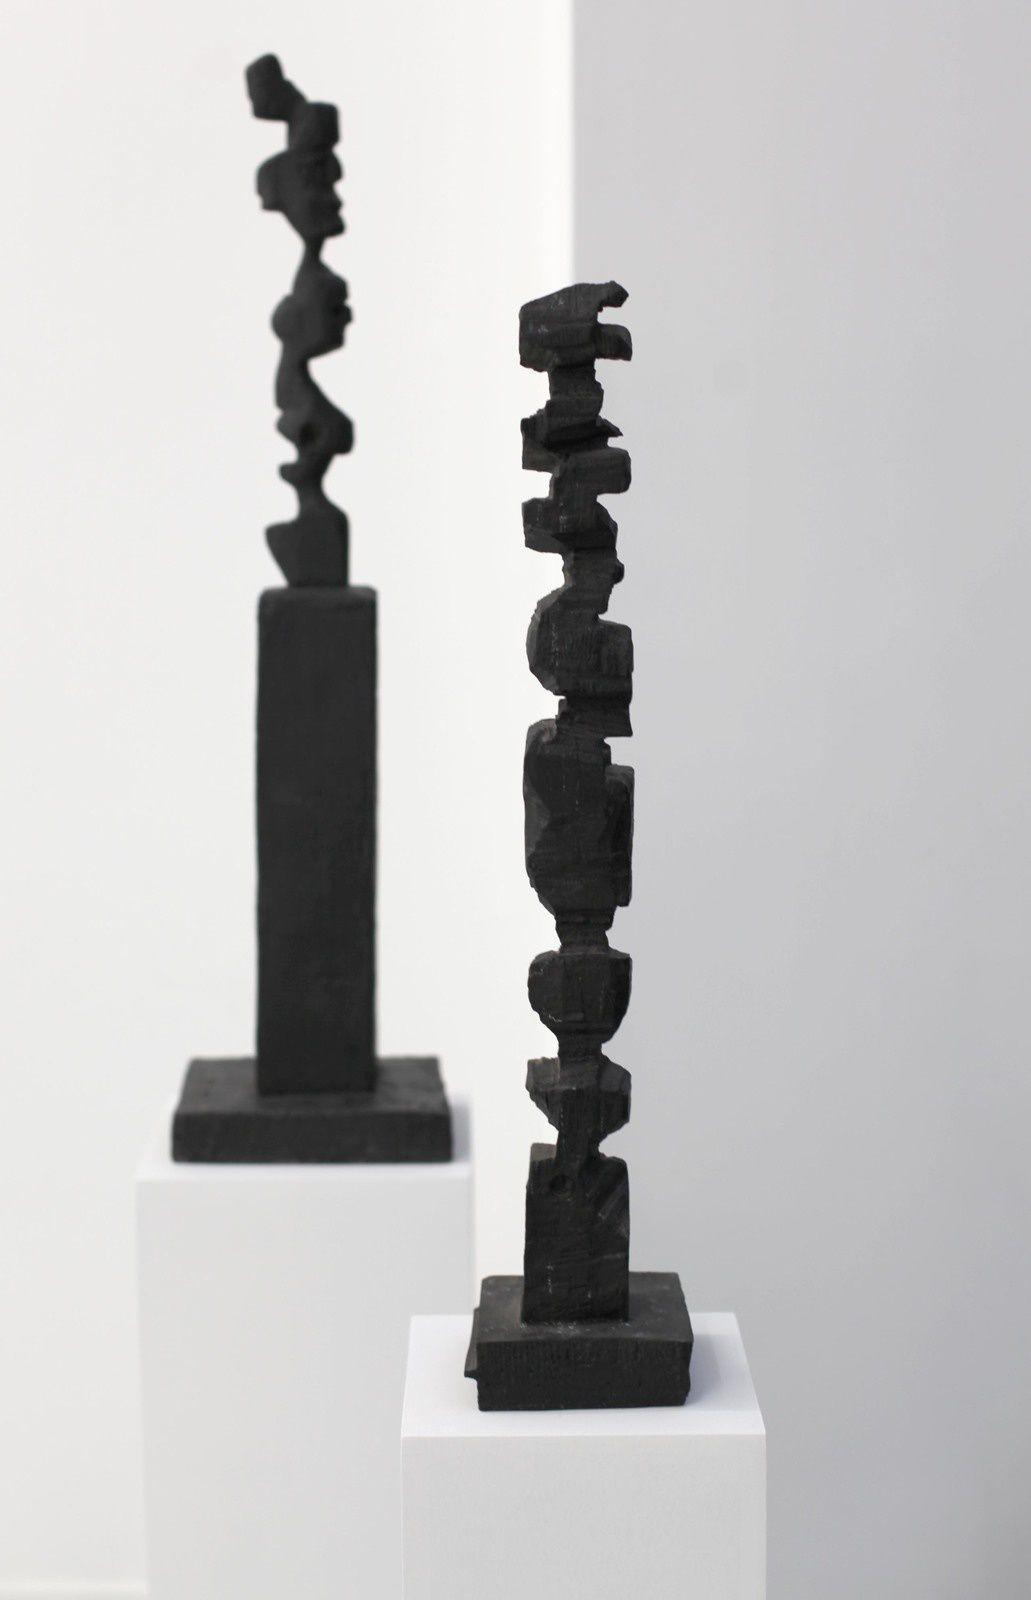 """""""BM pour Brice Marden"""", 1989 et """"T/TI"""", 1988 de A.R. PENCK - Courtesy Galerie Suzanne TARASIEVE © Photo Éric Simon"""